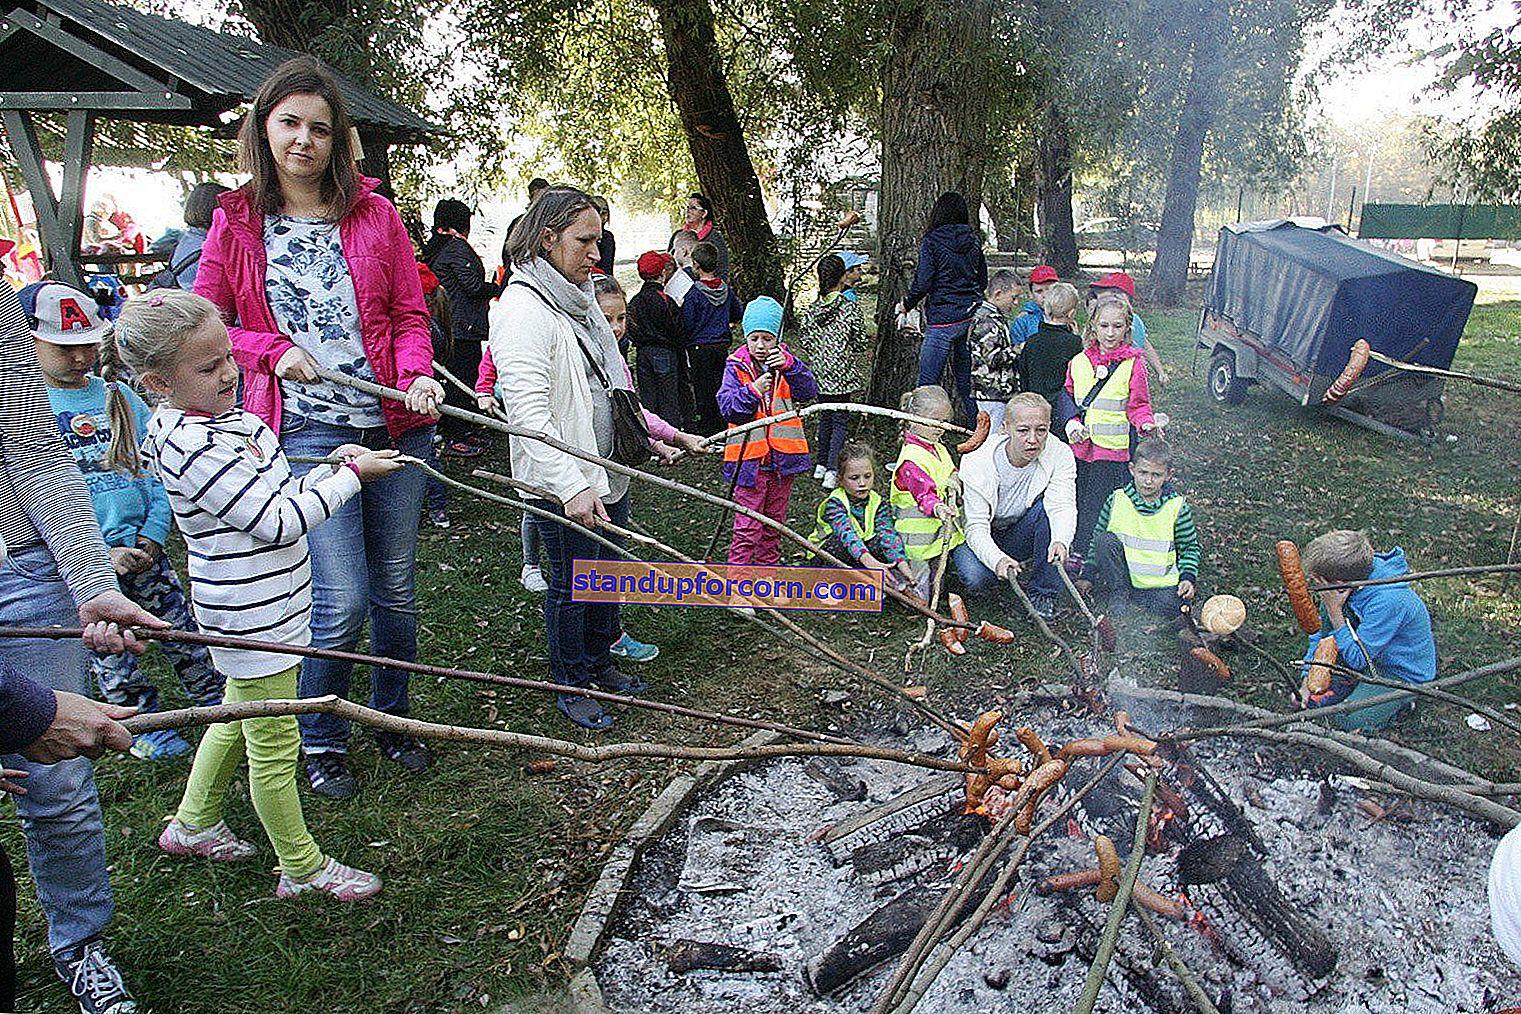 Je dovolené robiť si oheň v záhrade? Predpisy 2020